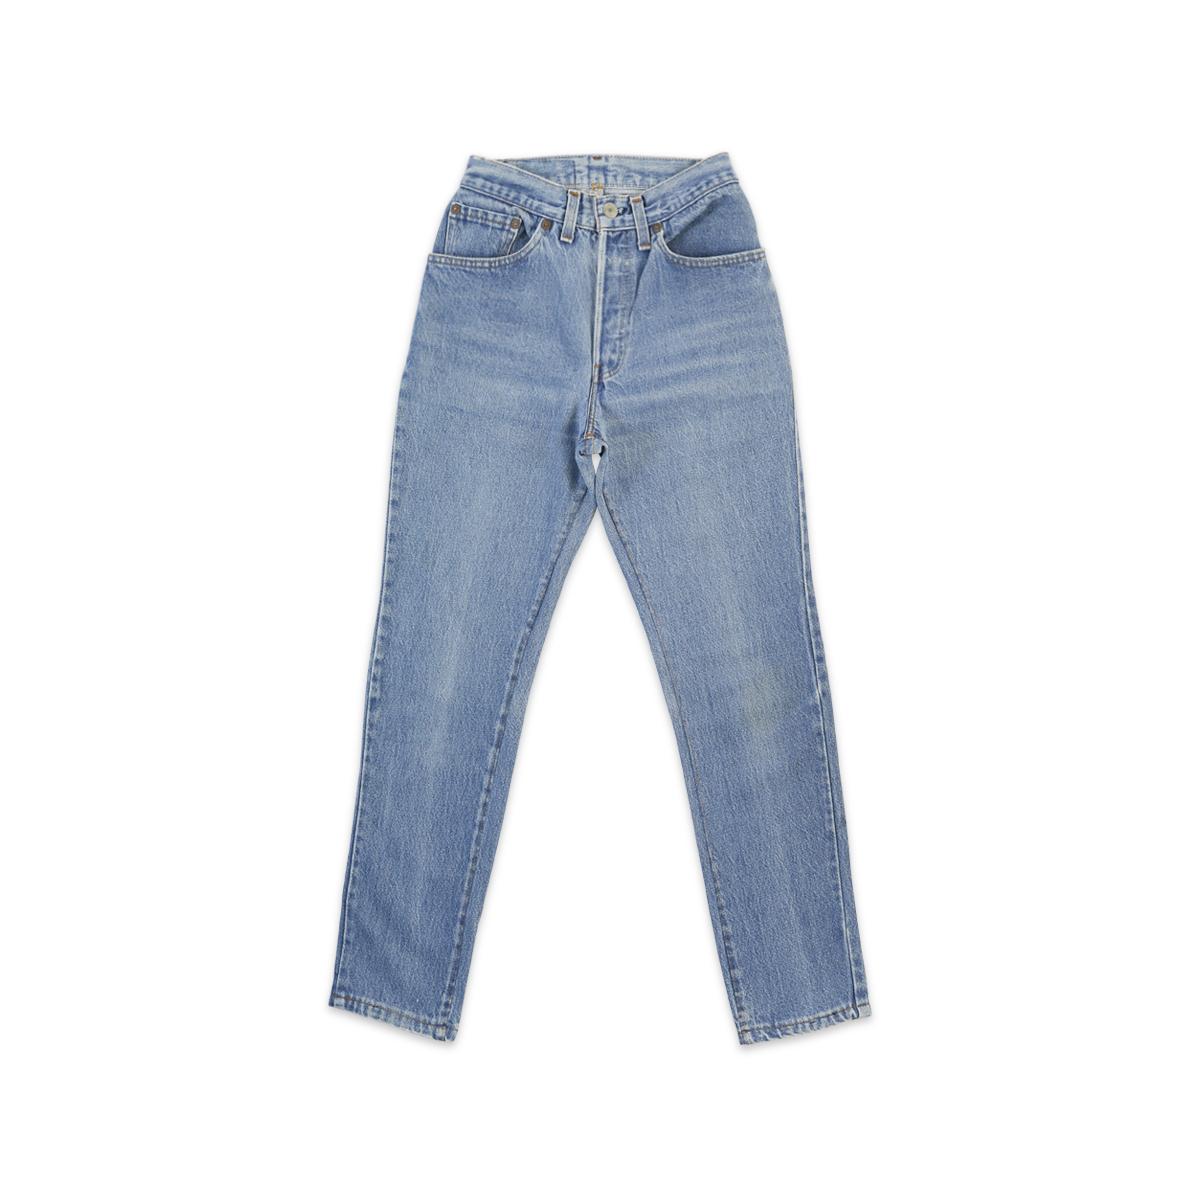 Levi's Vintage 501 Skinny -Size 24